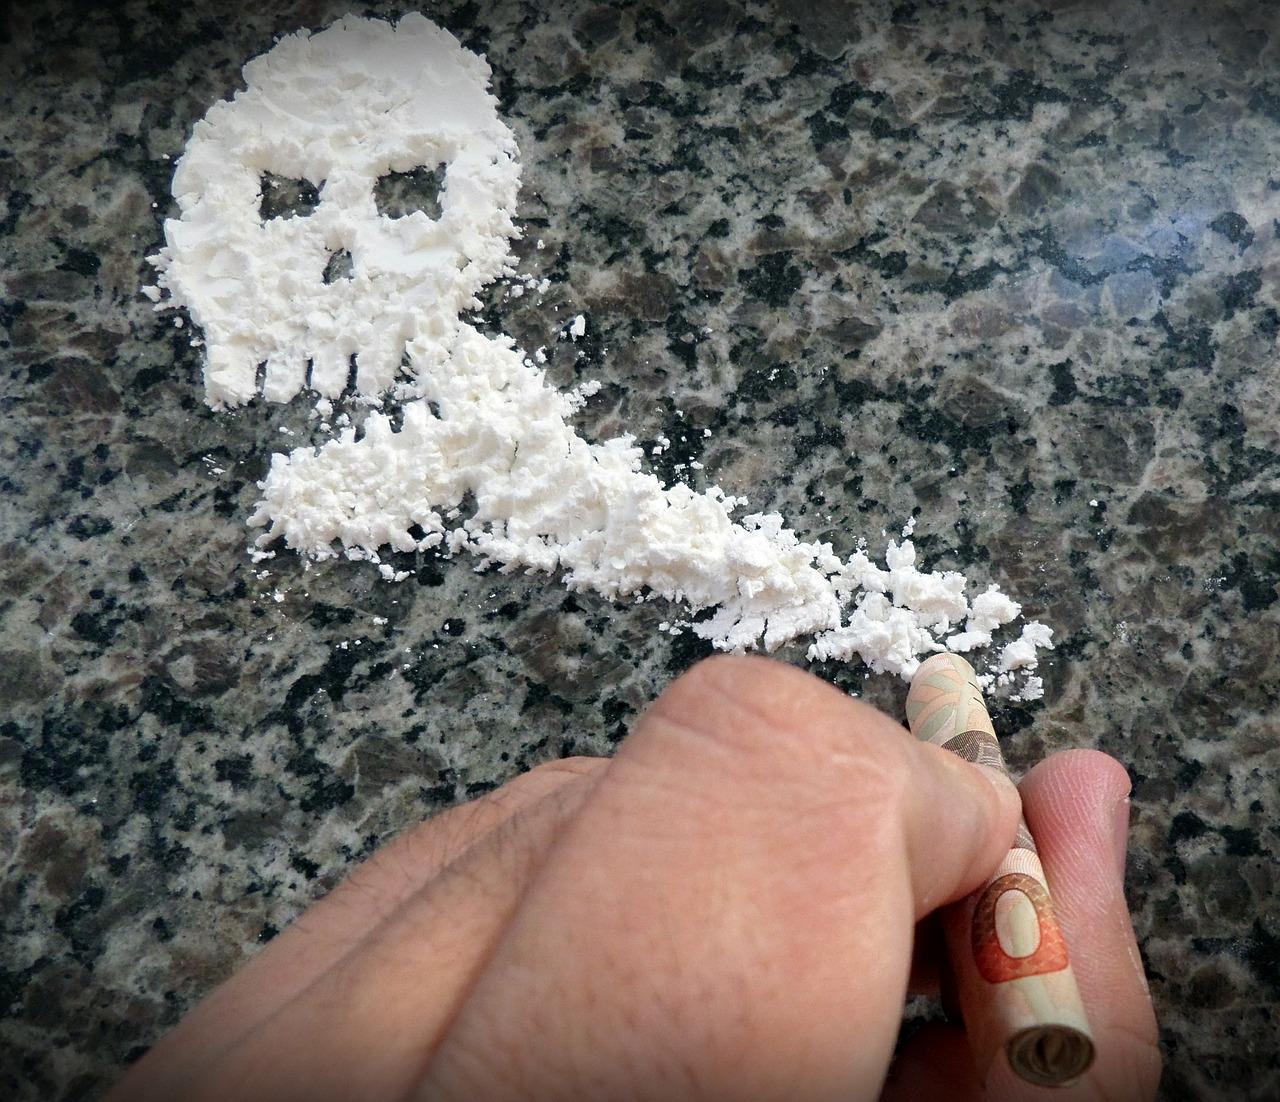 Czaszka z kokainy, banknot